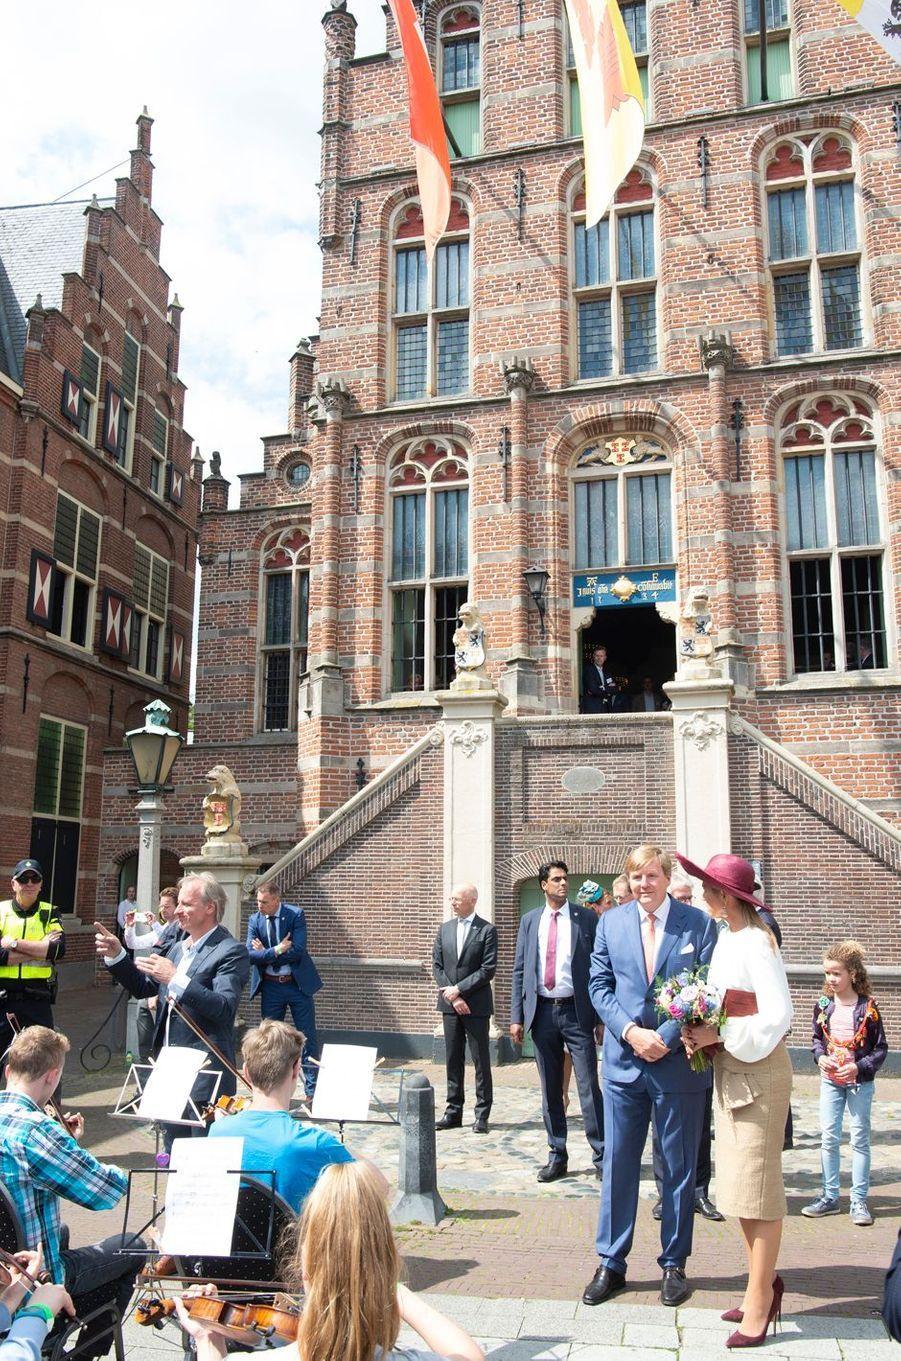 La reine Maxima et le roi Willem-Alexander des Pays-Bas à Culemborg en Betuwe, le 29 mai 2019